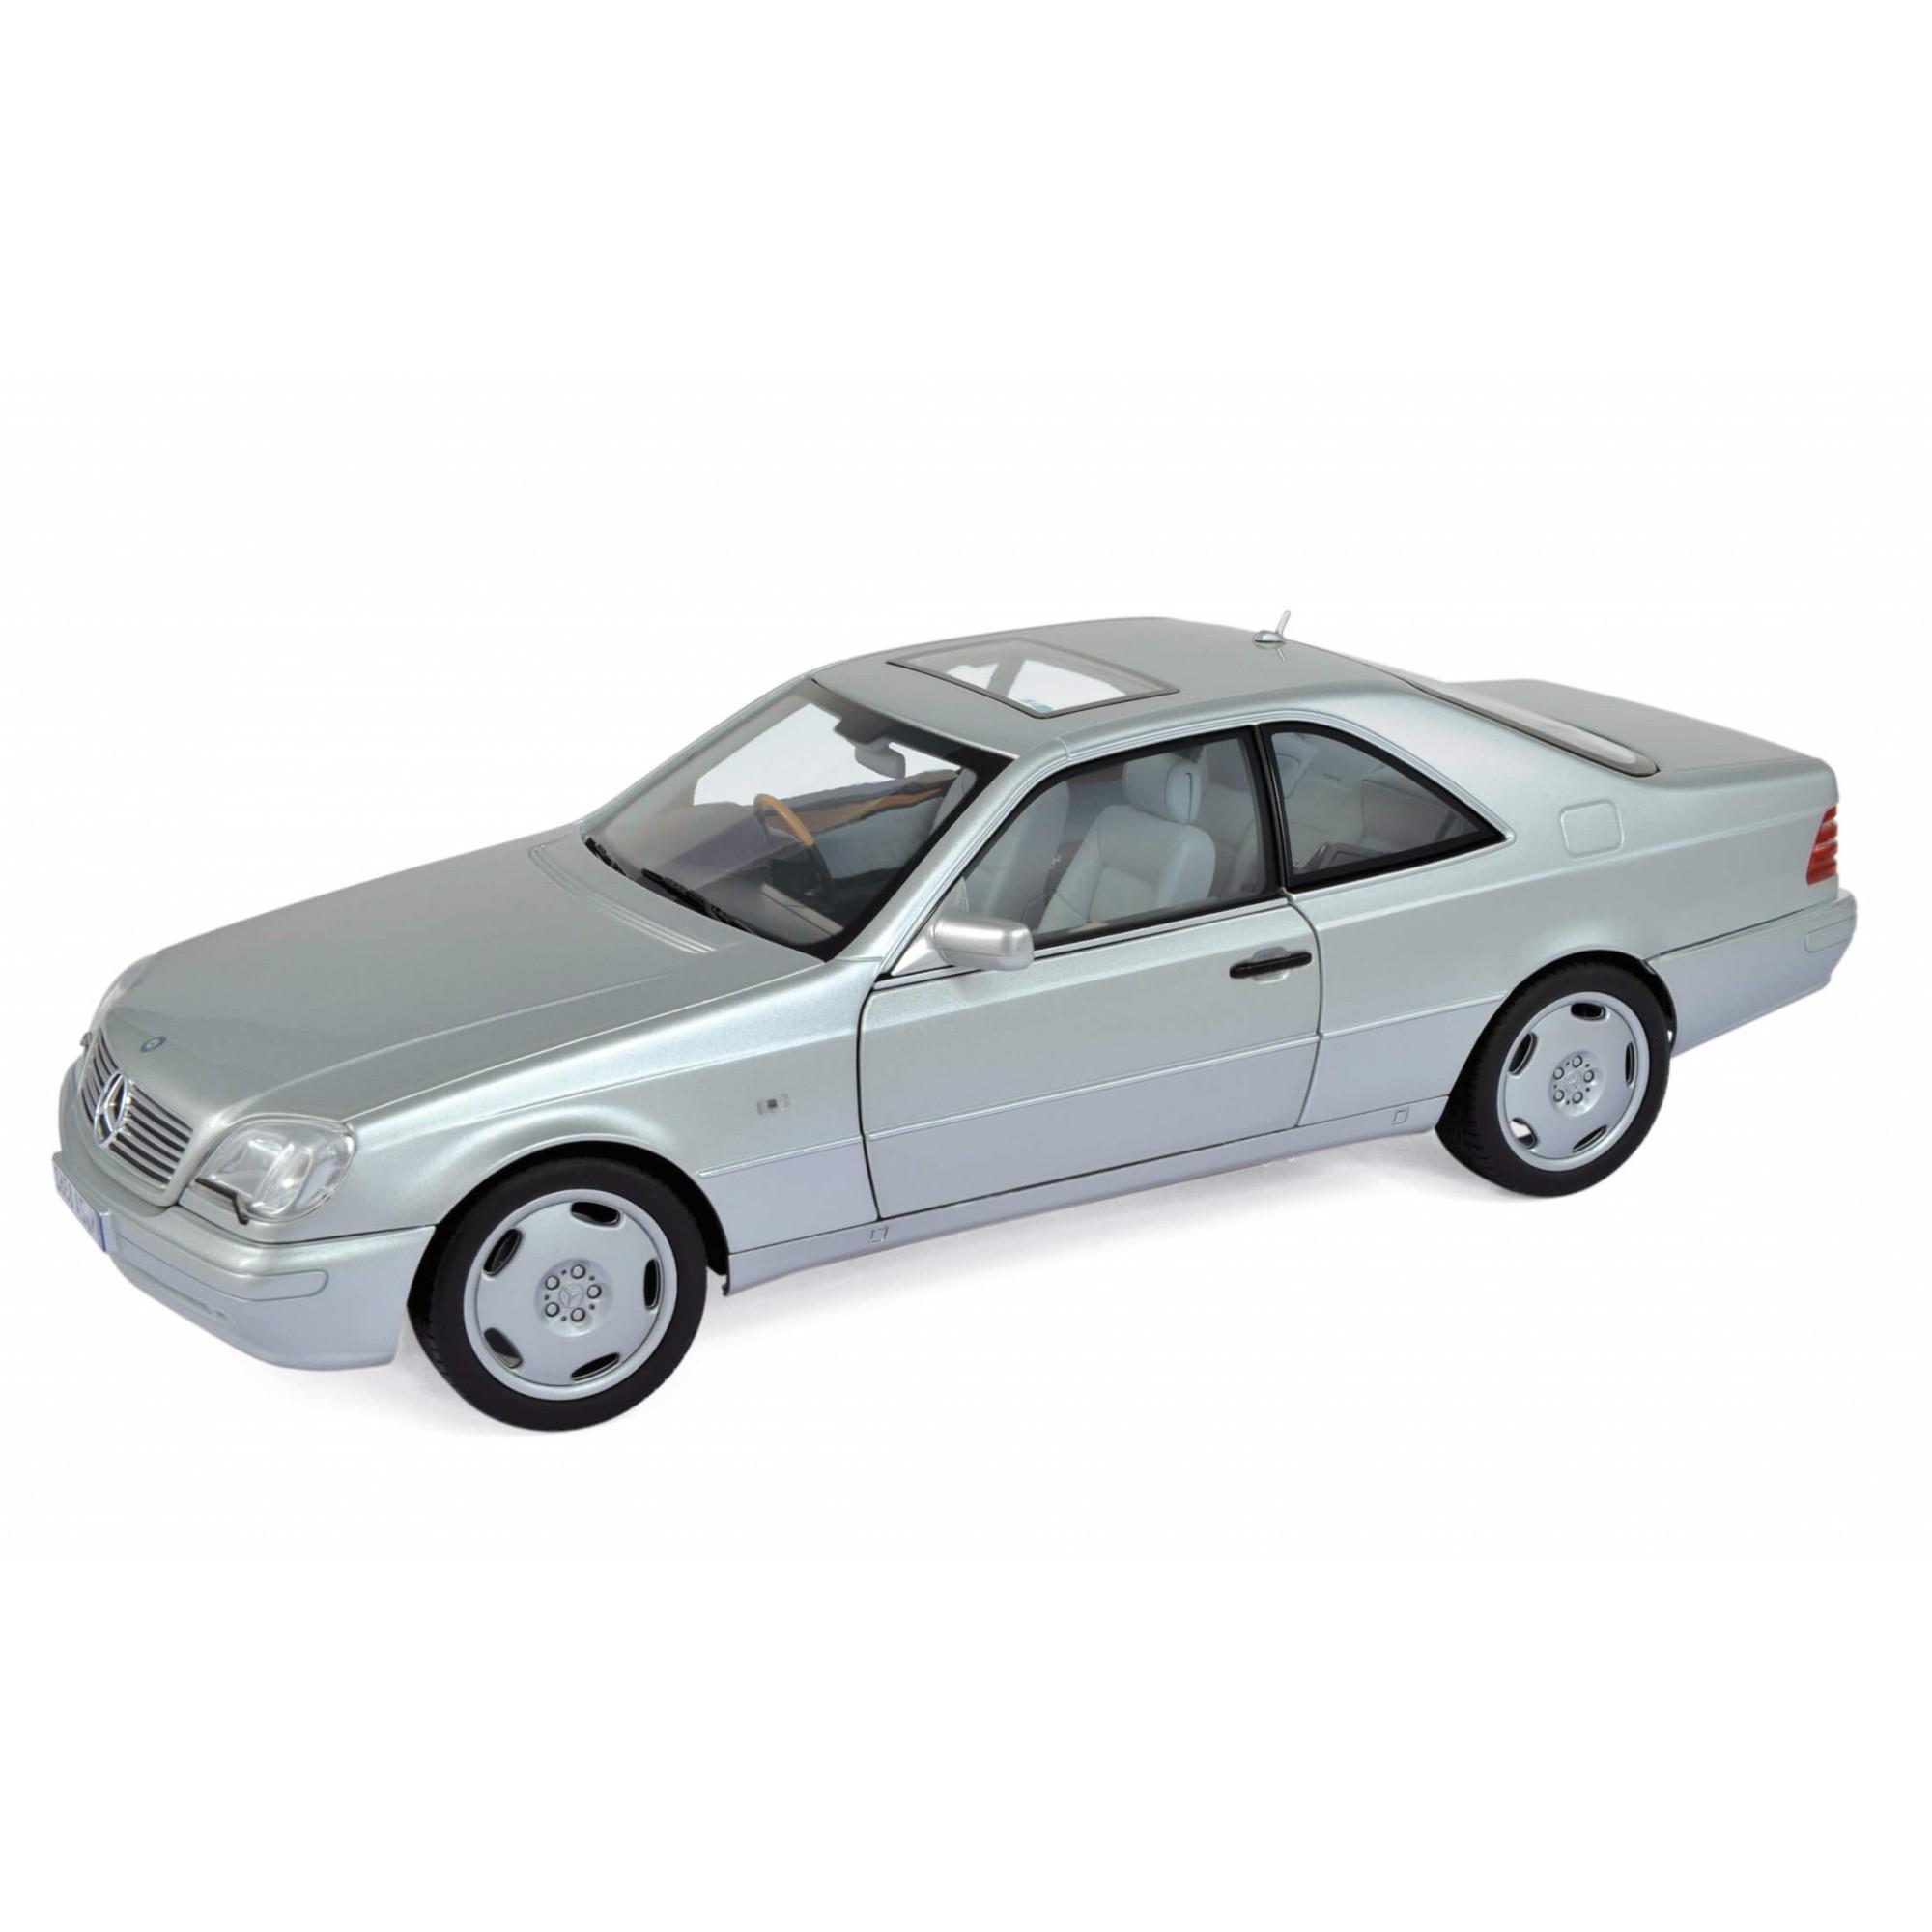 Miniatura Mercedes-Benz CL600 Coupe 1997 1/18 Norev